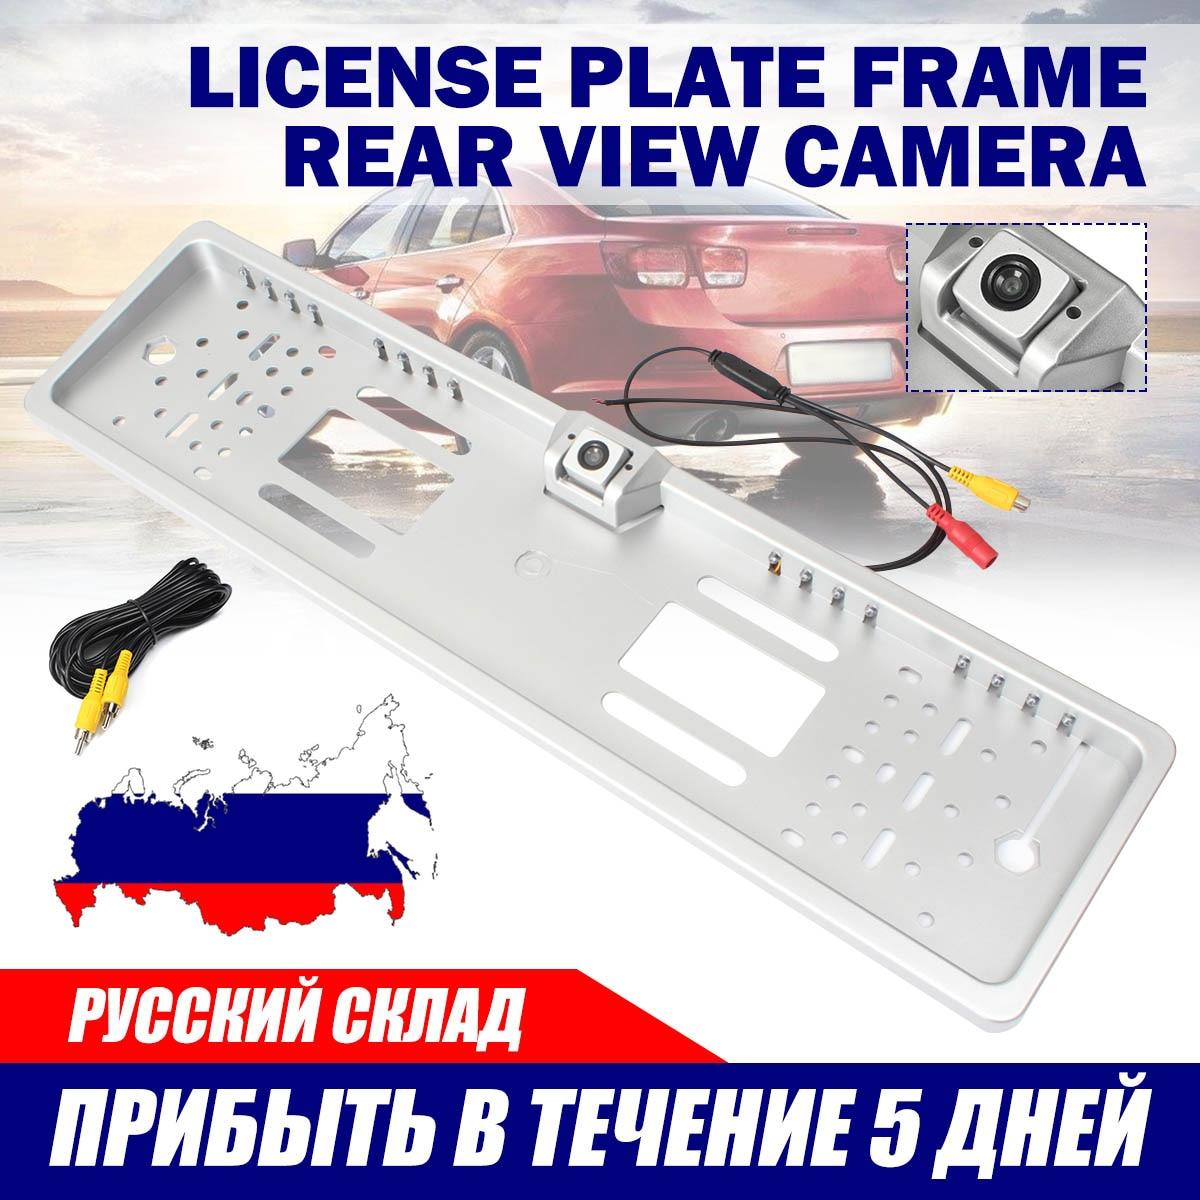 Coche nuevo 16 LED número de placa de luz de la cámara de visión trasera de aparcamiento marcha atrás 170 grados de ángulo de visión amplio